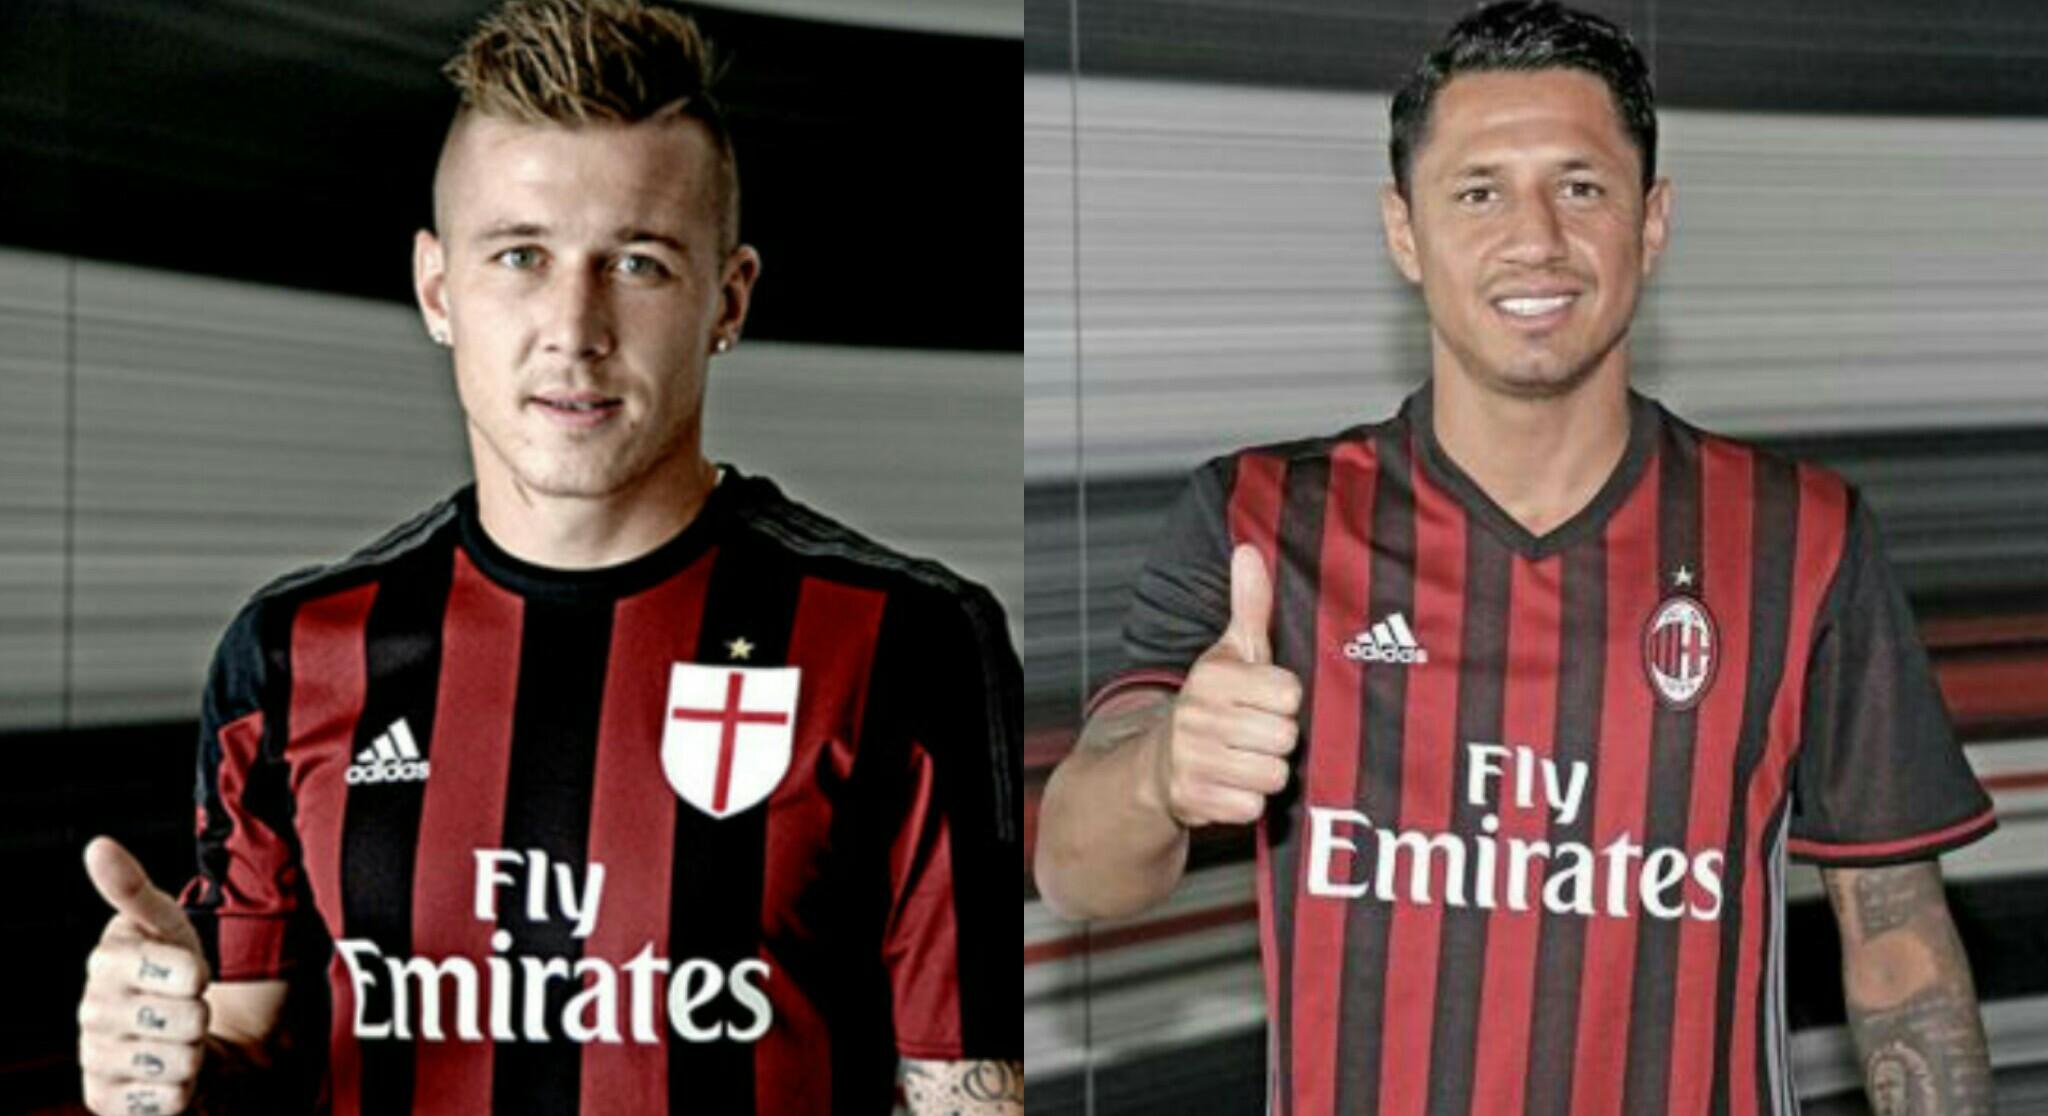 Il Milan ha offerto alla Fiorentina i rossoneri Kucka e Lapadula, no della società viola